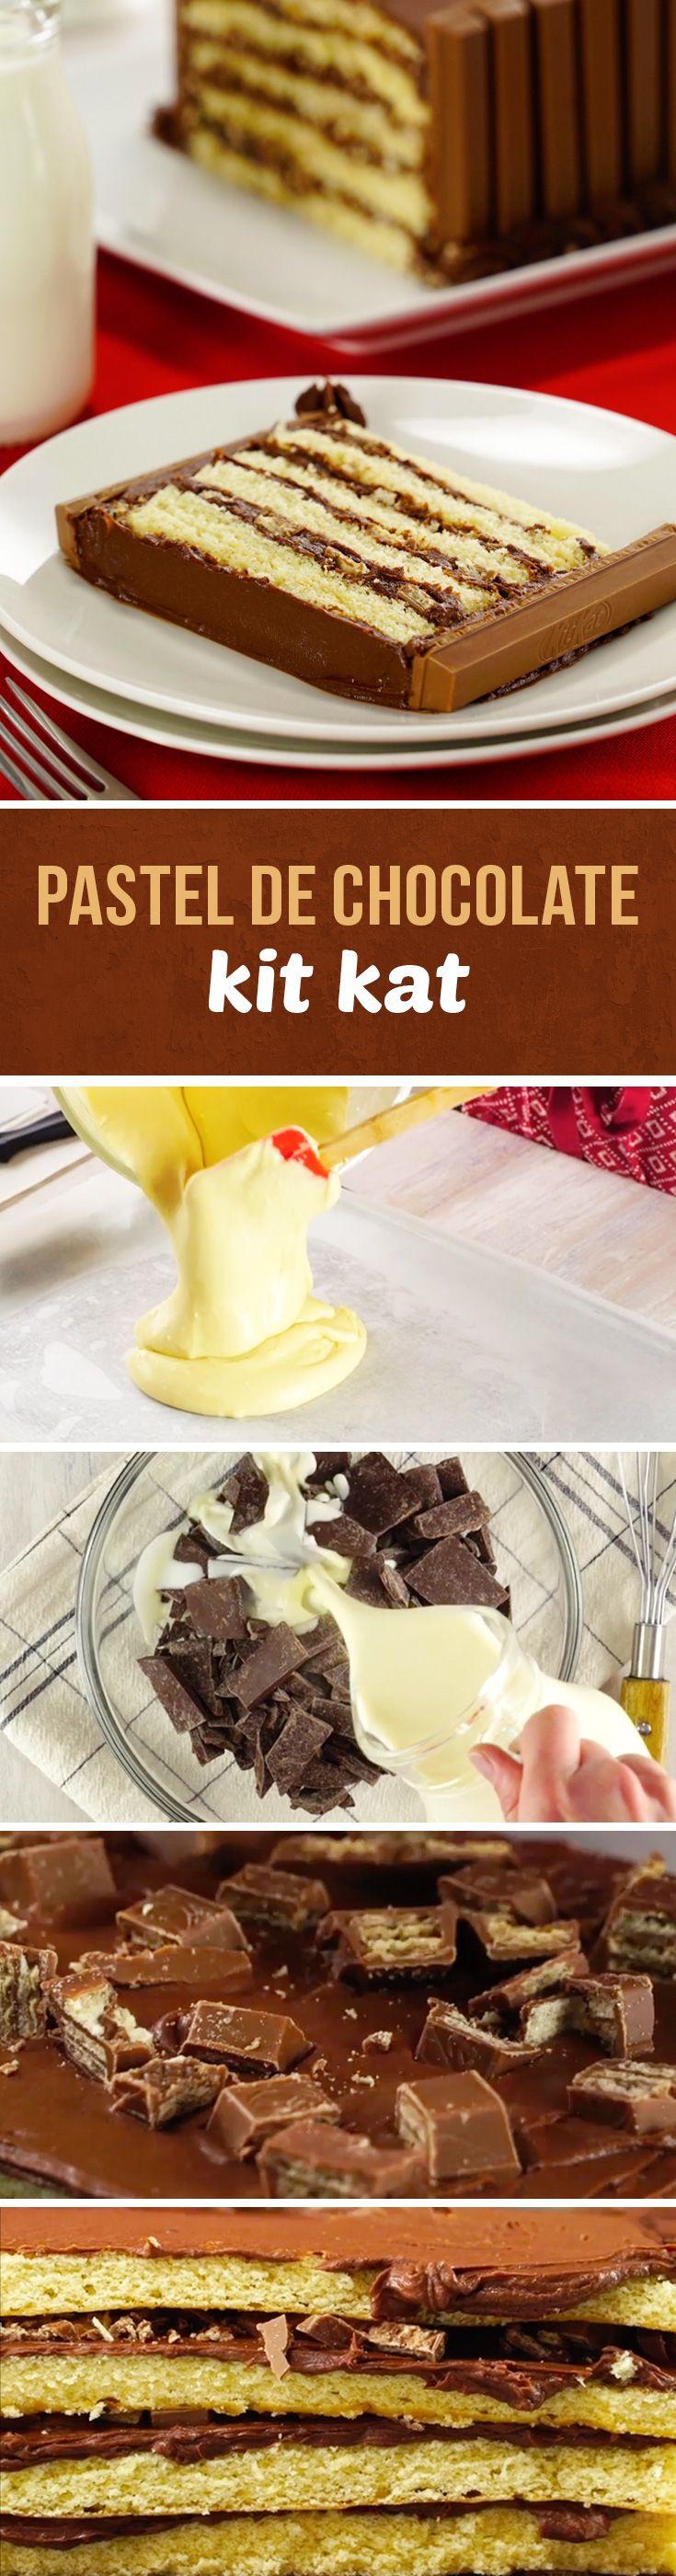 Pastel Kit Kat de chocolate y barras de chocolate Kit Kat. Este pastel es perfecto para fiestas de cumpleaños o para el Día del Niño. Si eres fanático del chocolate, no te puedes quedar sin probarlo.